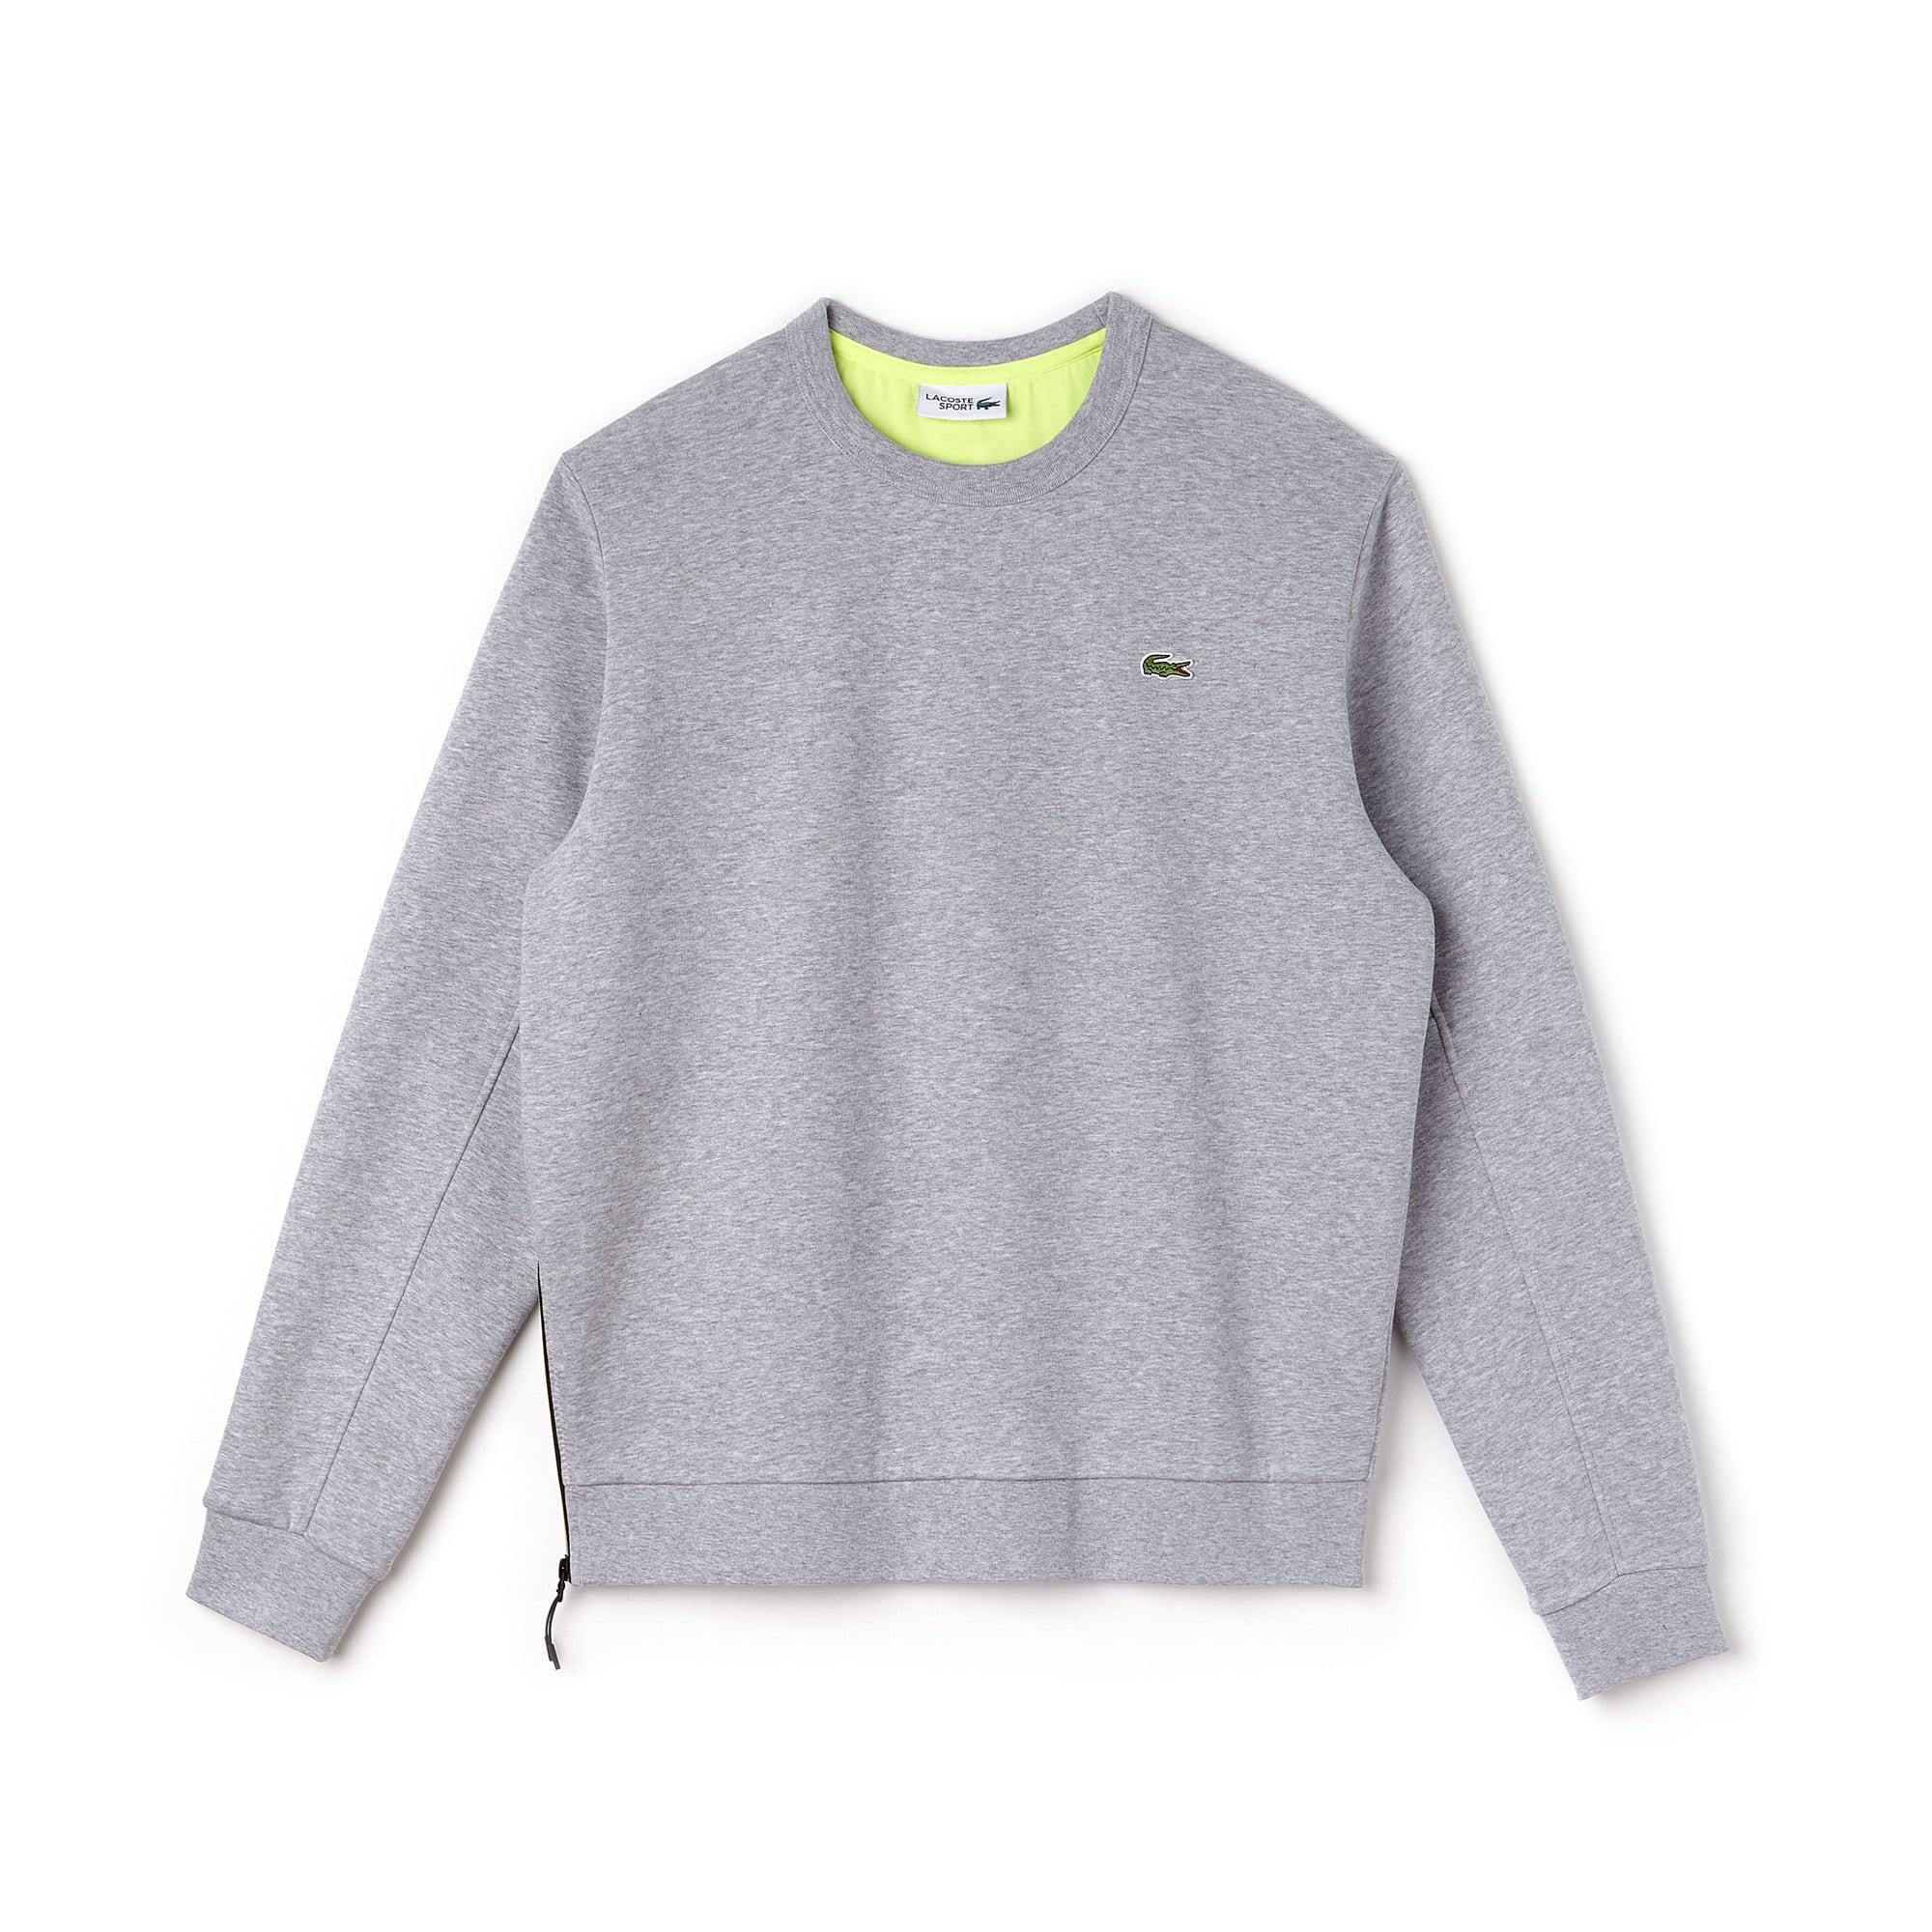 Herren LACOSTE SPORT Tennis Sweatshirt aus Fleece